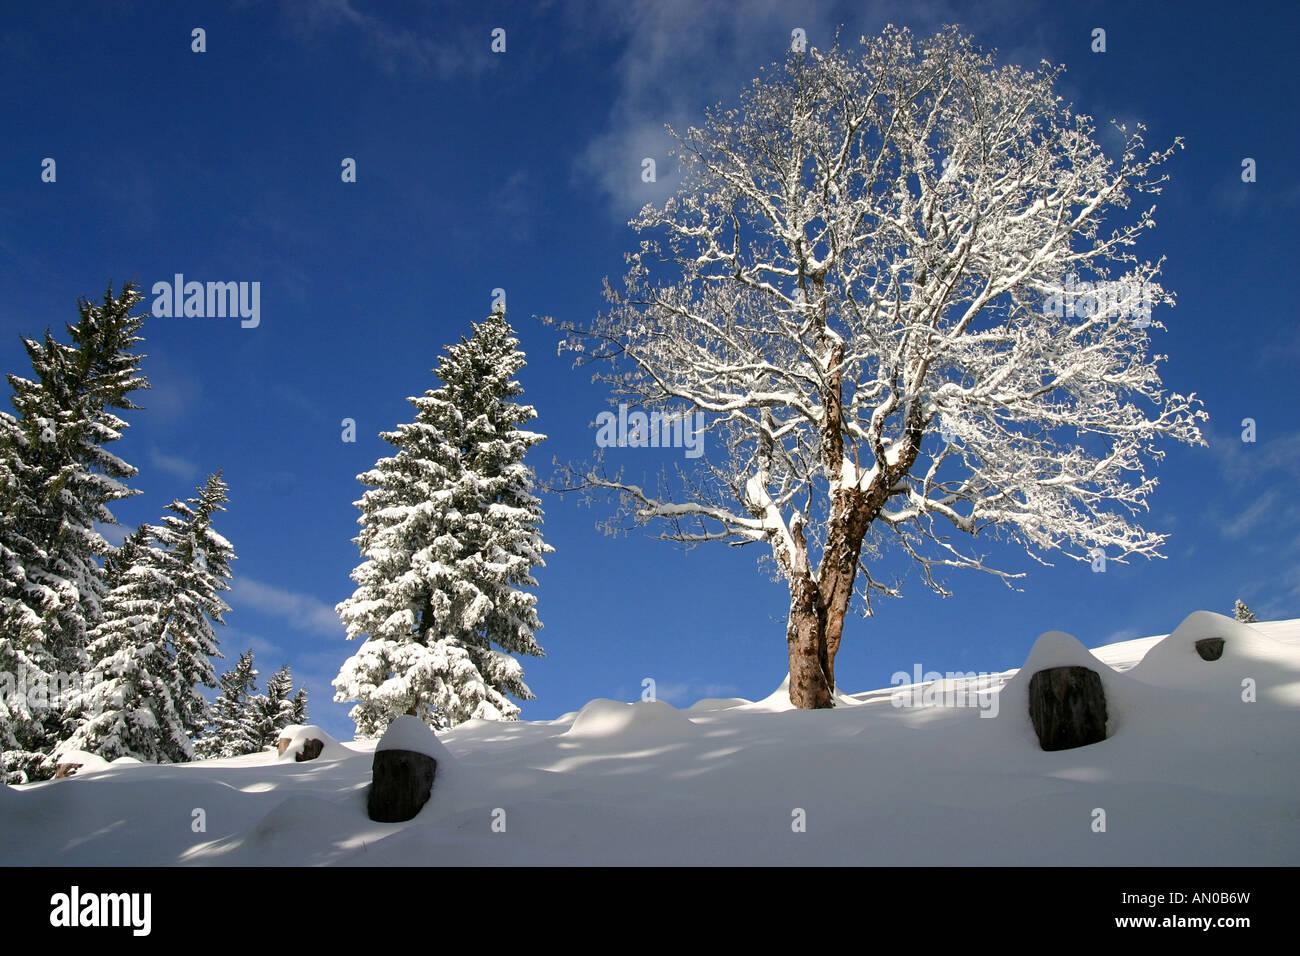 Verschneiter Baum in idyllischer Winterlandschaft   snow-covered tree in idyllic winter landscape Stock Photo